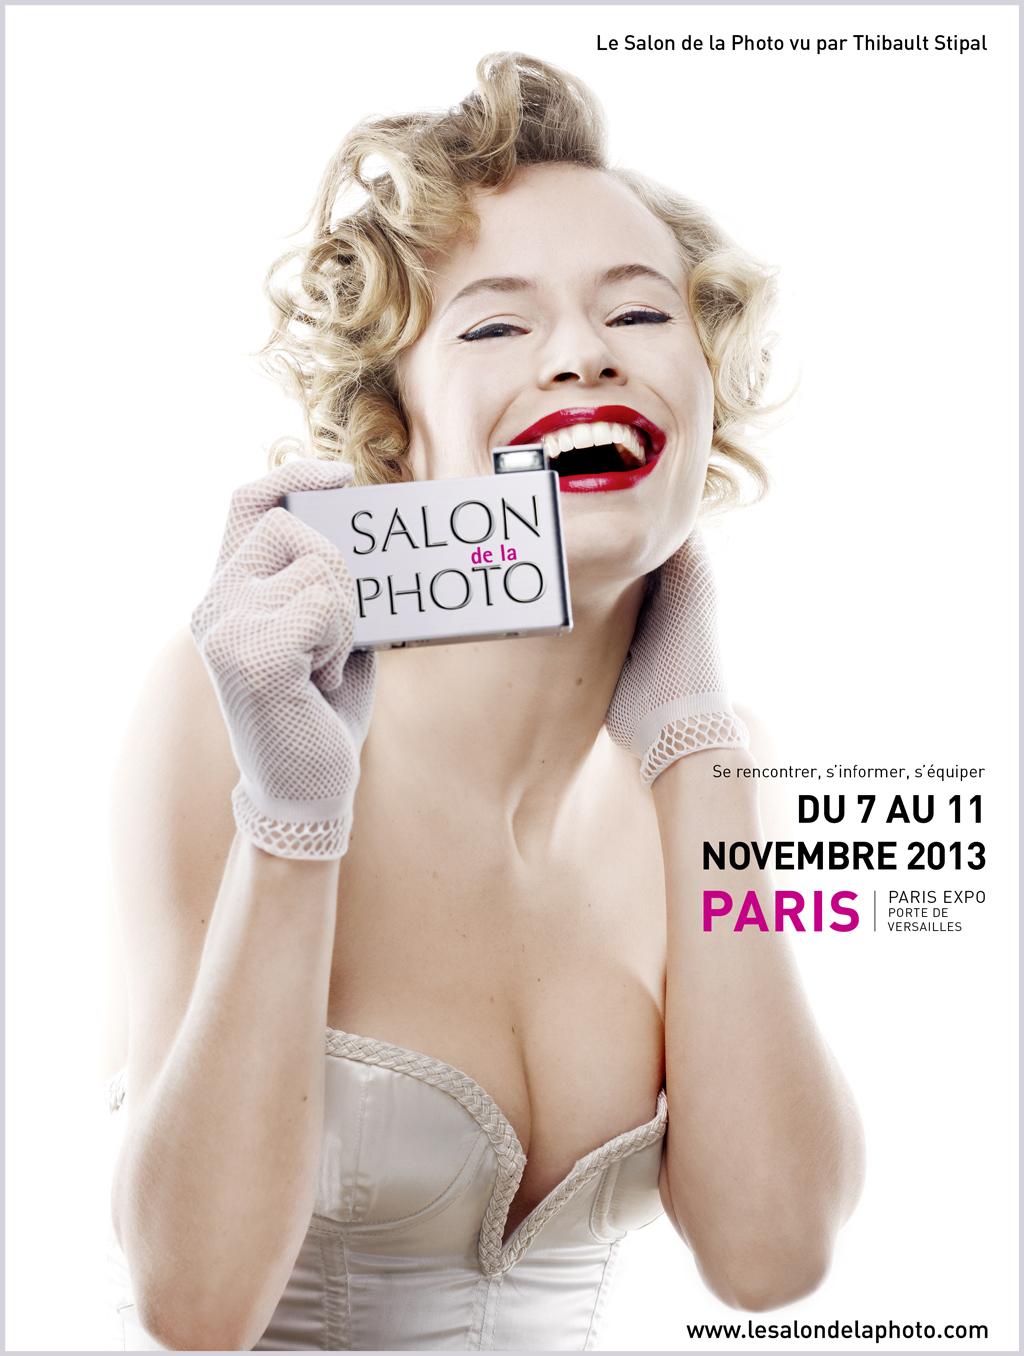 Salon de la photo 2013 : concours pour gagner votre billet d'entrée !